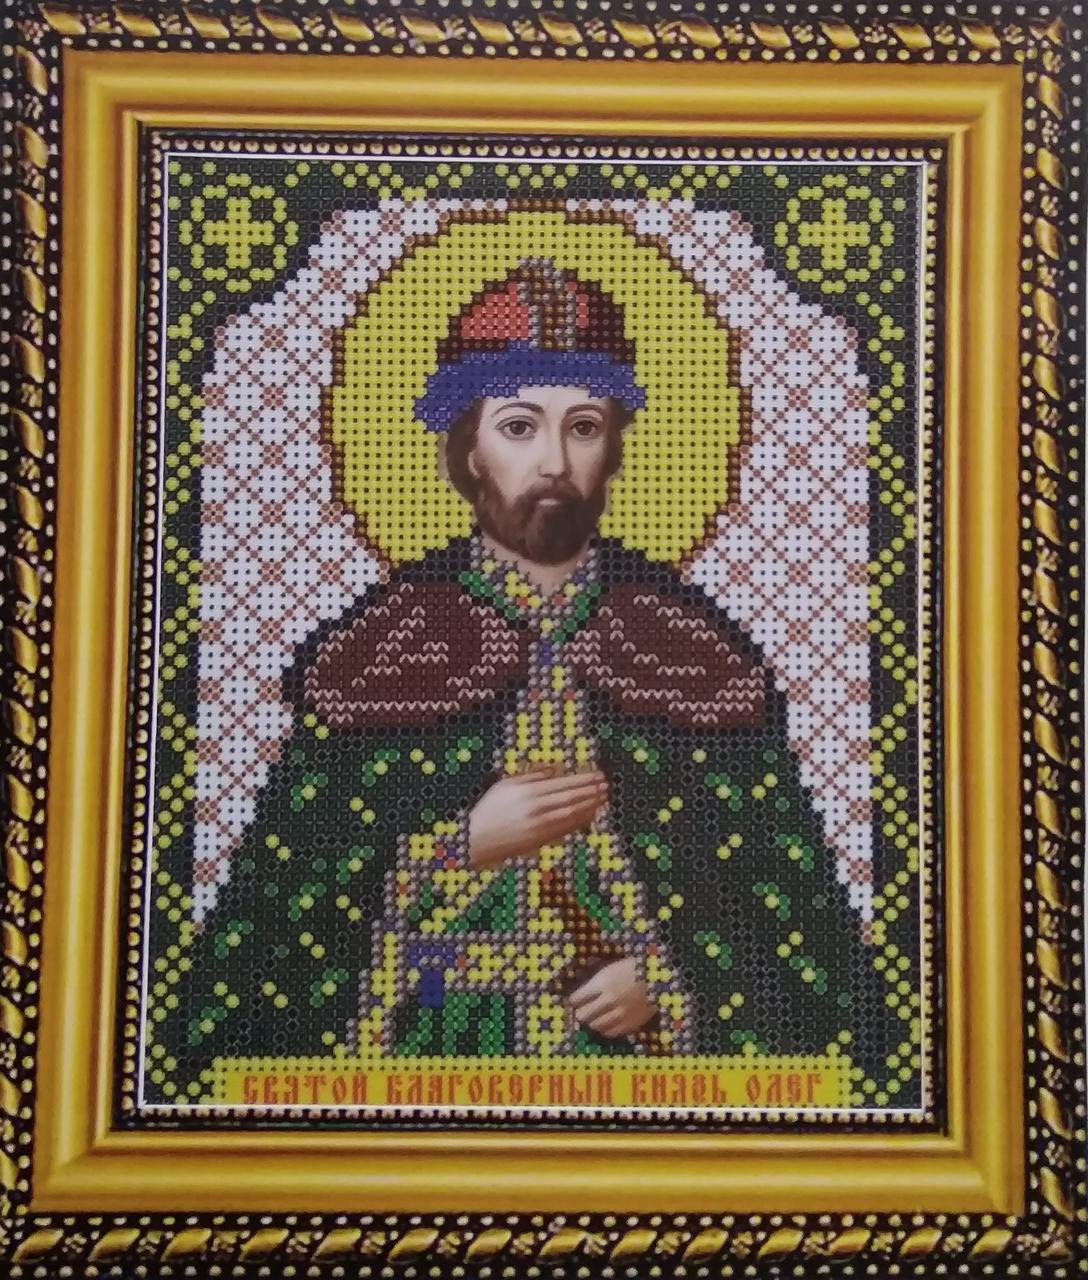 Набор для вышивки бисером ArtWork икона Святой Благоверный Князь Олег VIA 5083